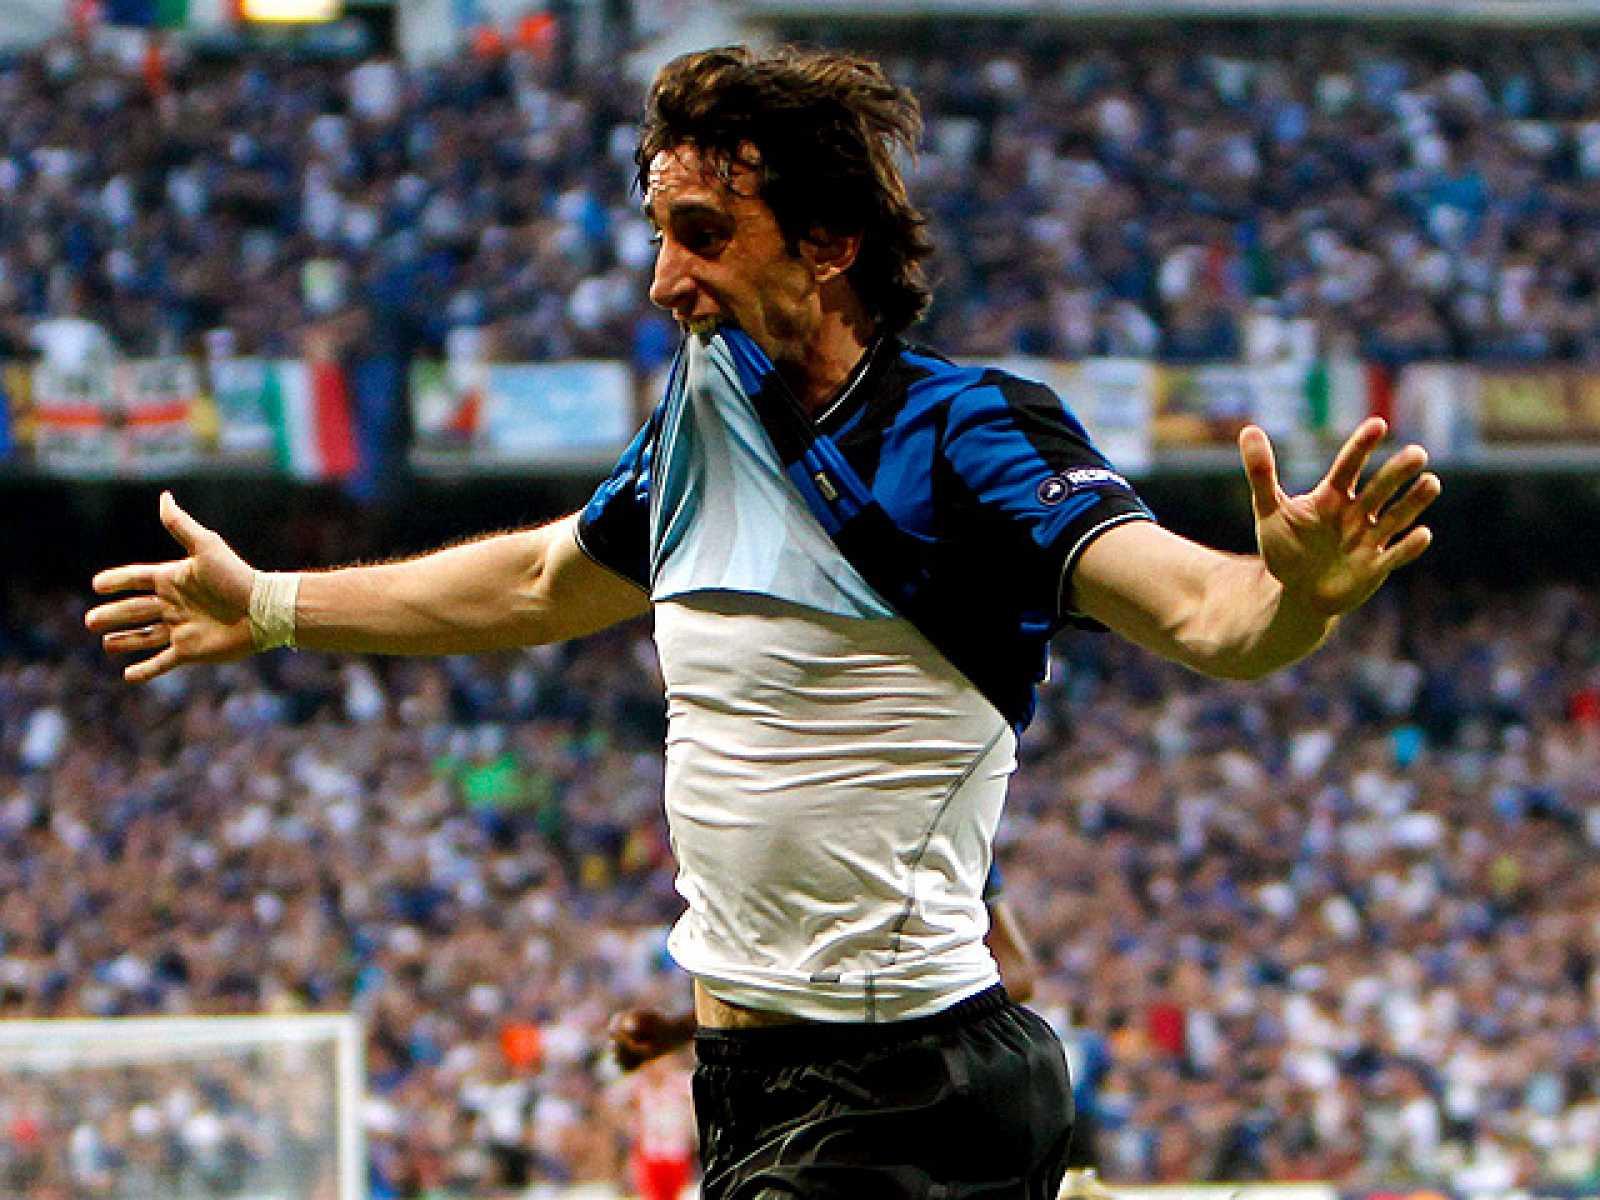 Diego Milito ha marcado el primer gol de la final de la Champions 2010 después de una jugada comenzada por un pase largo del portero Julio César.